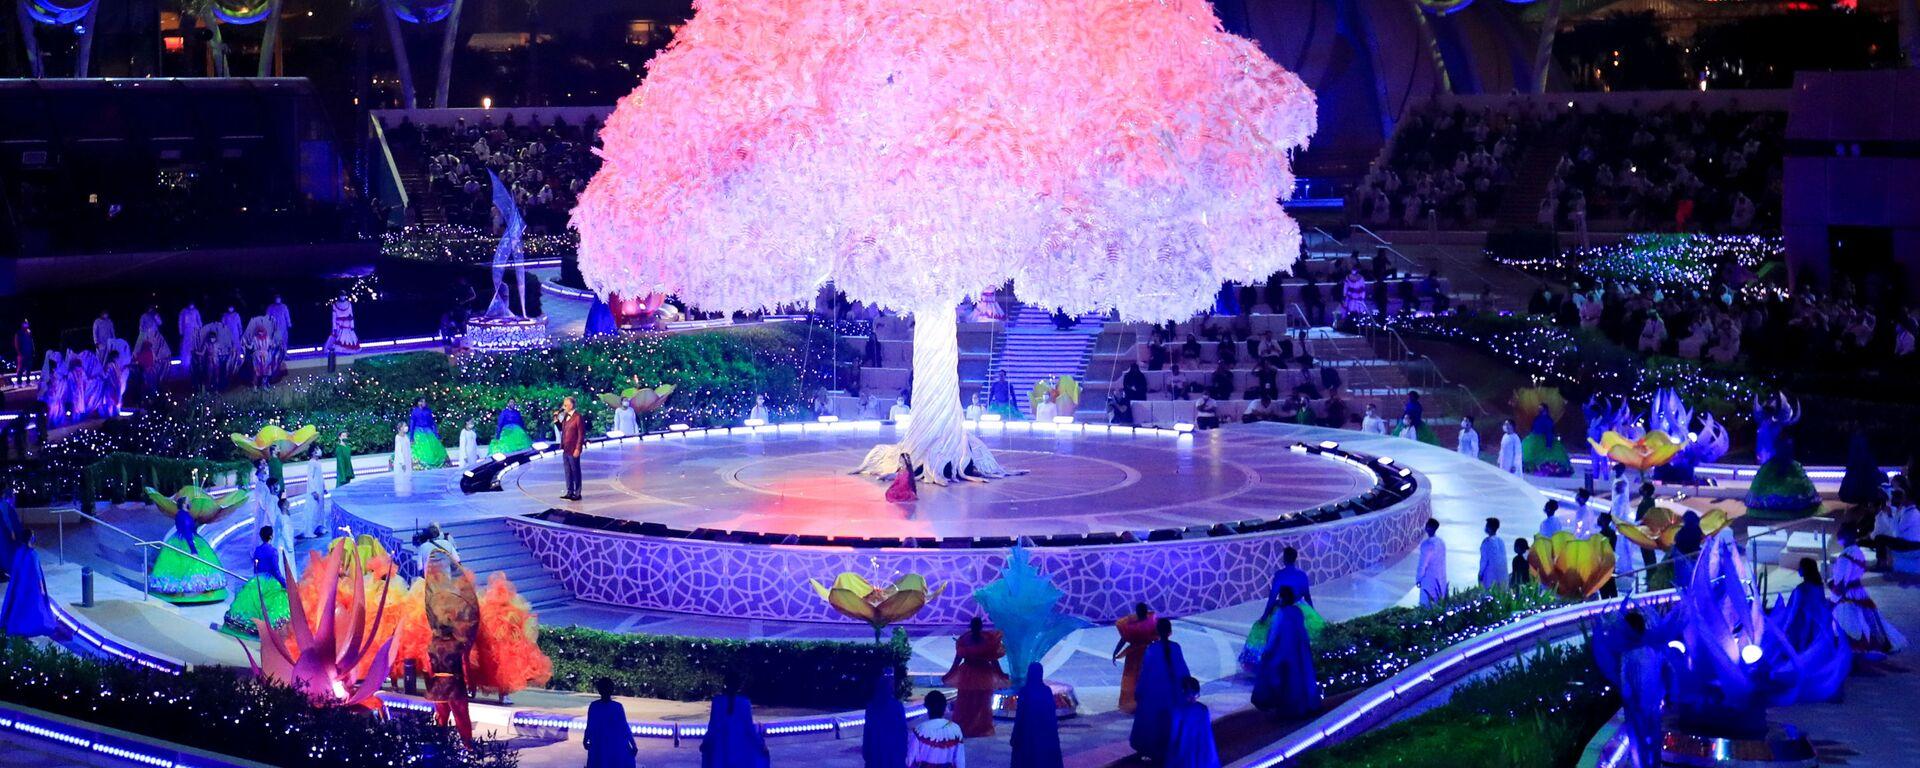 Церемония открытия Dubai Expo 2020 в ОАЭ - Sputnik Mundo, 1920, 01.10.2021